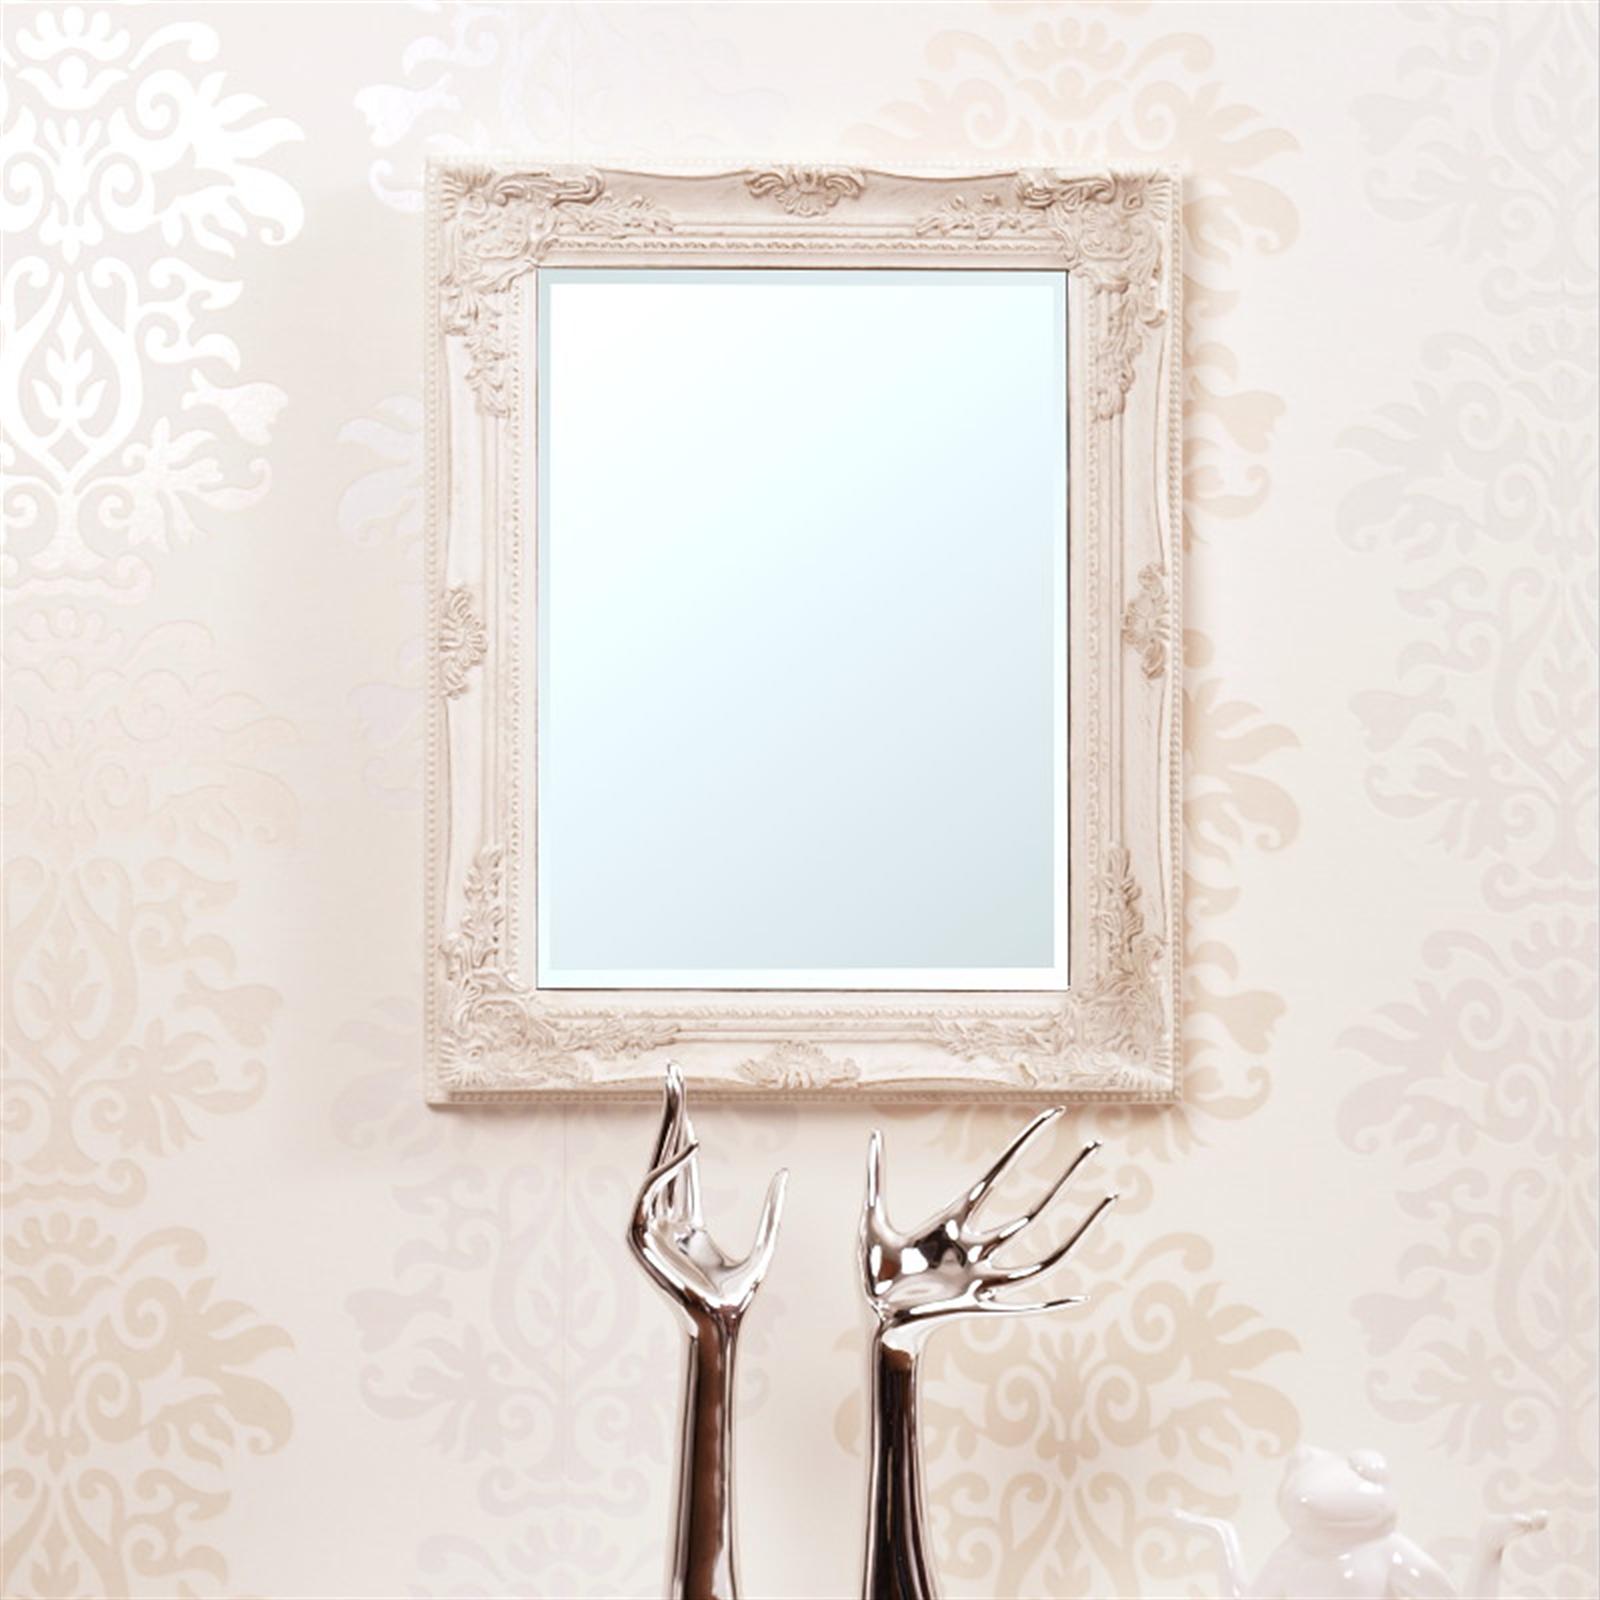 barock facettenspiegel mit rahmen bilderrahmen mit spiegel. Black Bedroom Furniture Sets. Home Design Ideas